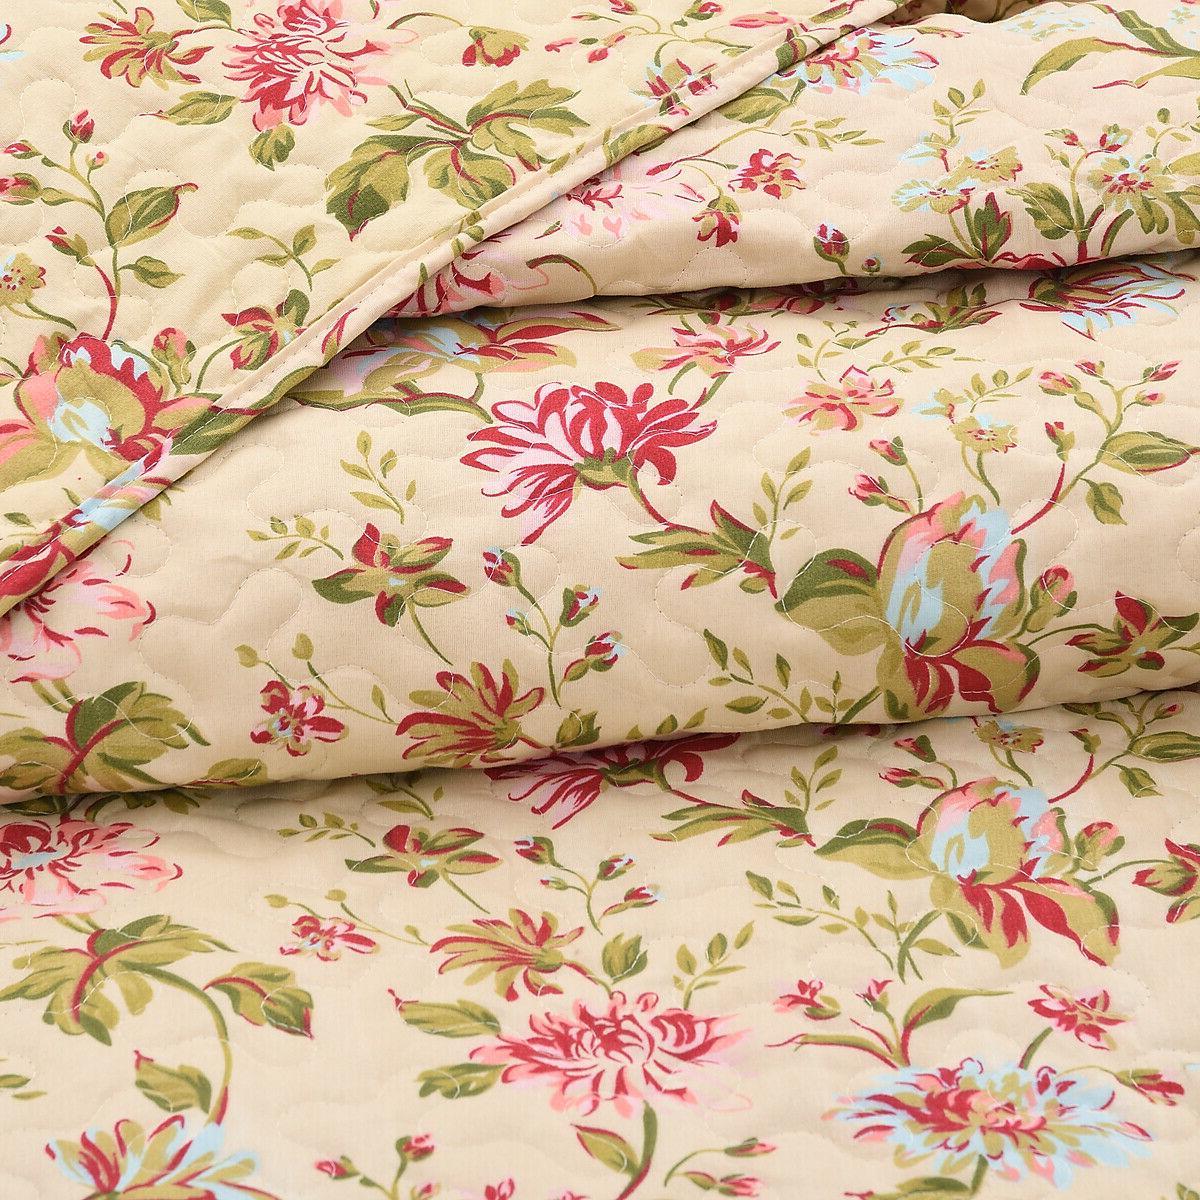 3-Piece Set Spring Reversible